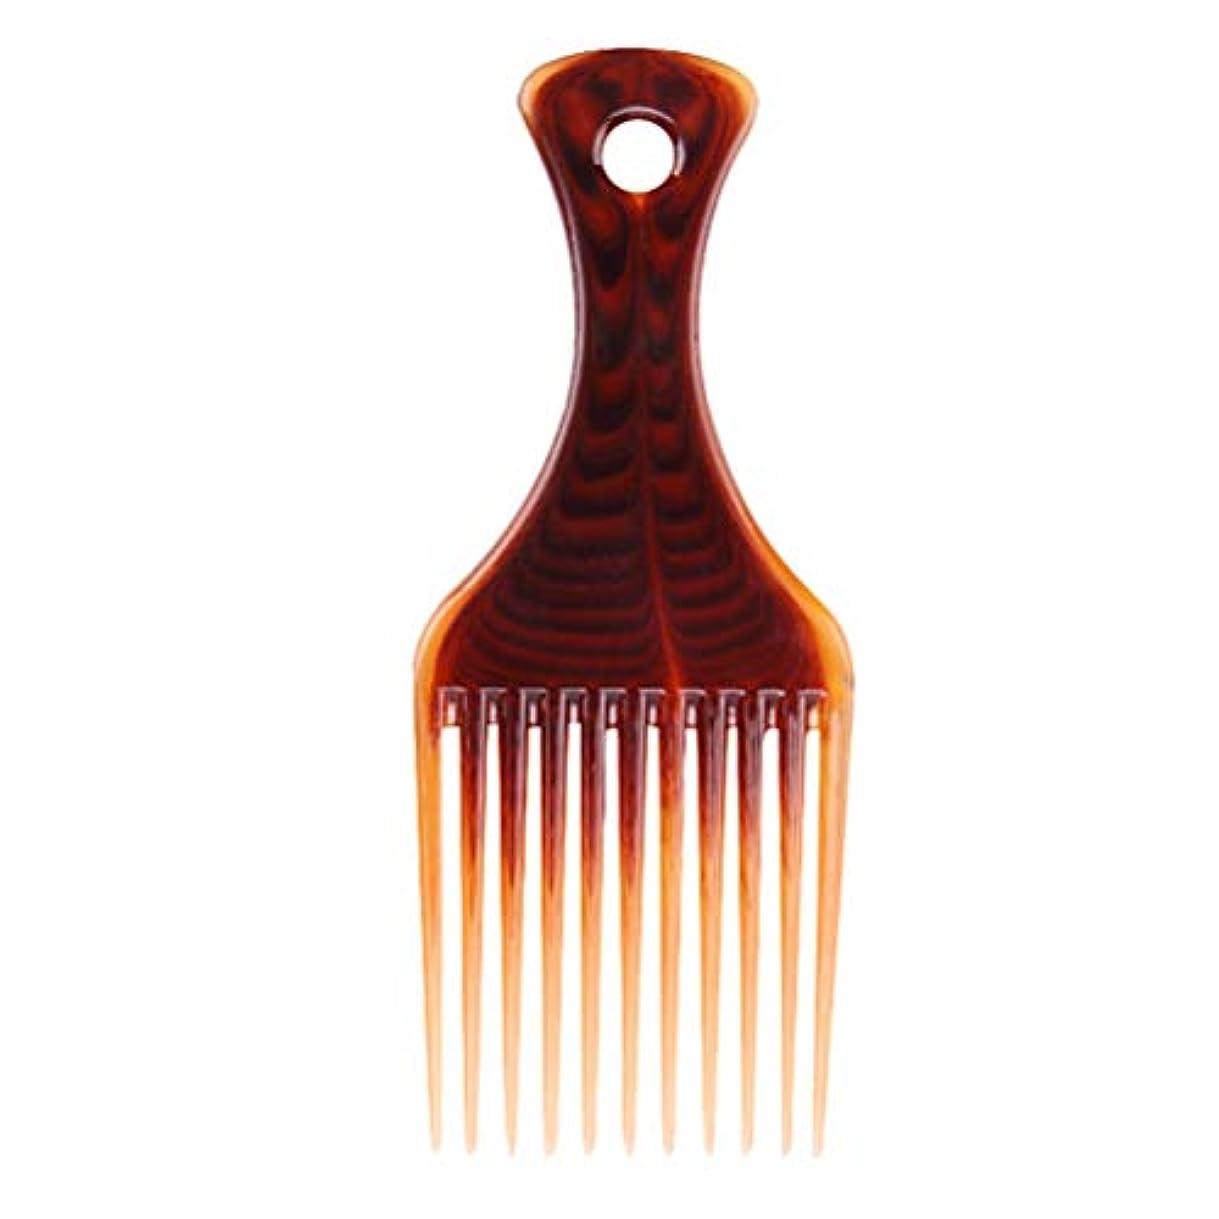 多年生贅沢な胚HEALIFTY プラスチック広い歯の櫛サロンブラシスタイリング理髪髪フォークピッキング櫛